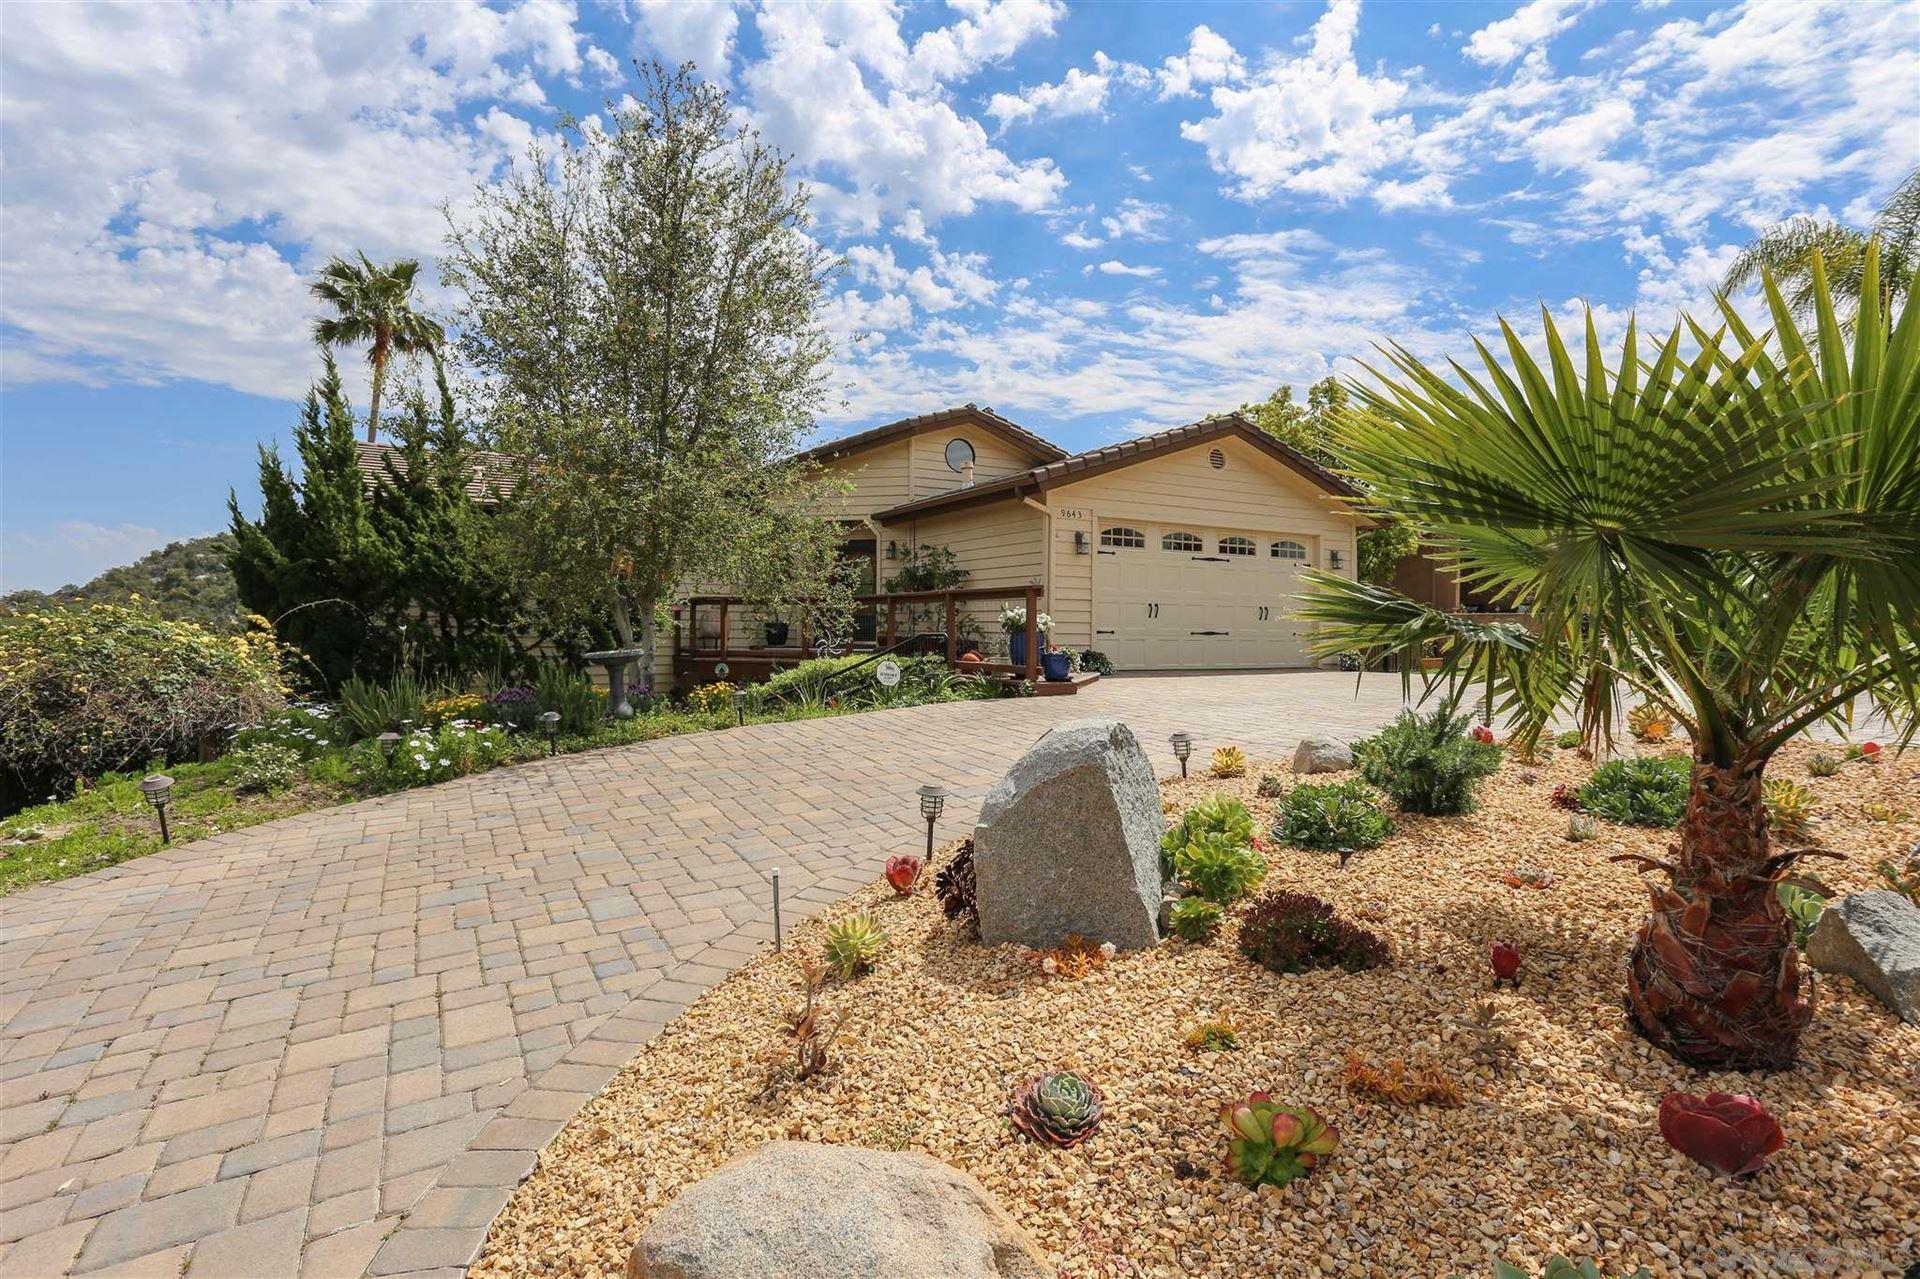 Photo of 9643 Indian Creek Way, Escondido, CA 92026 (MLS # 210007971)